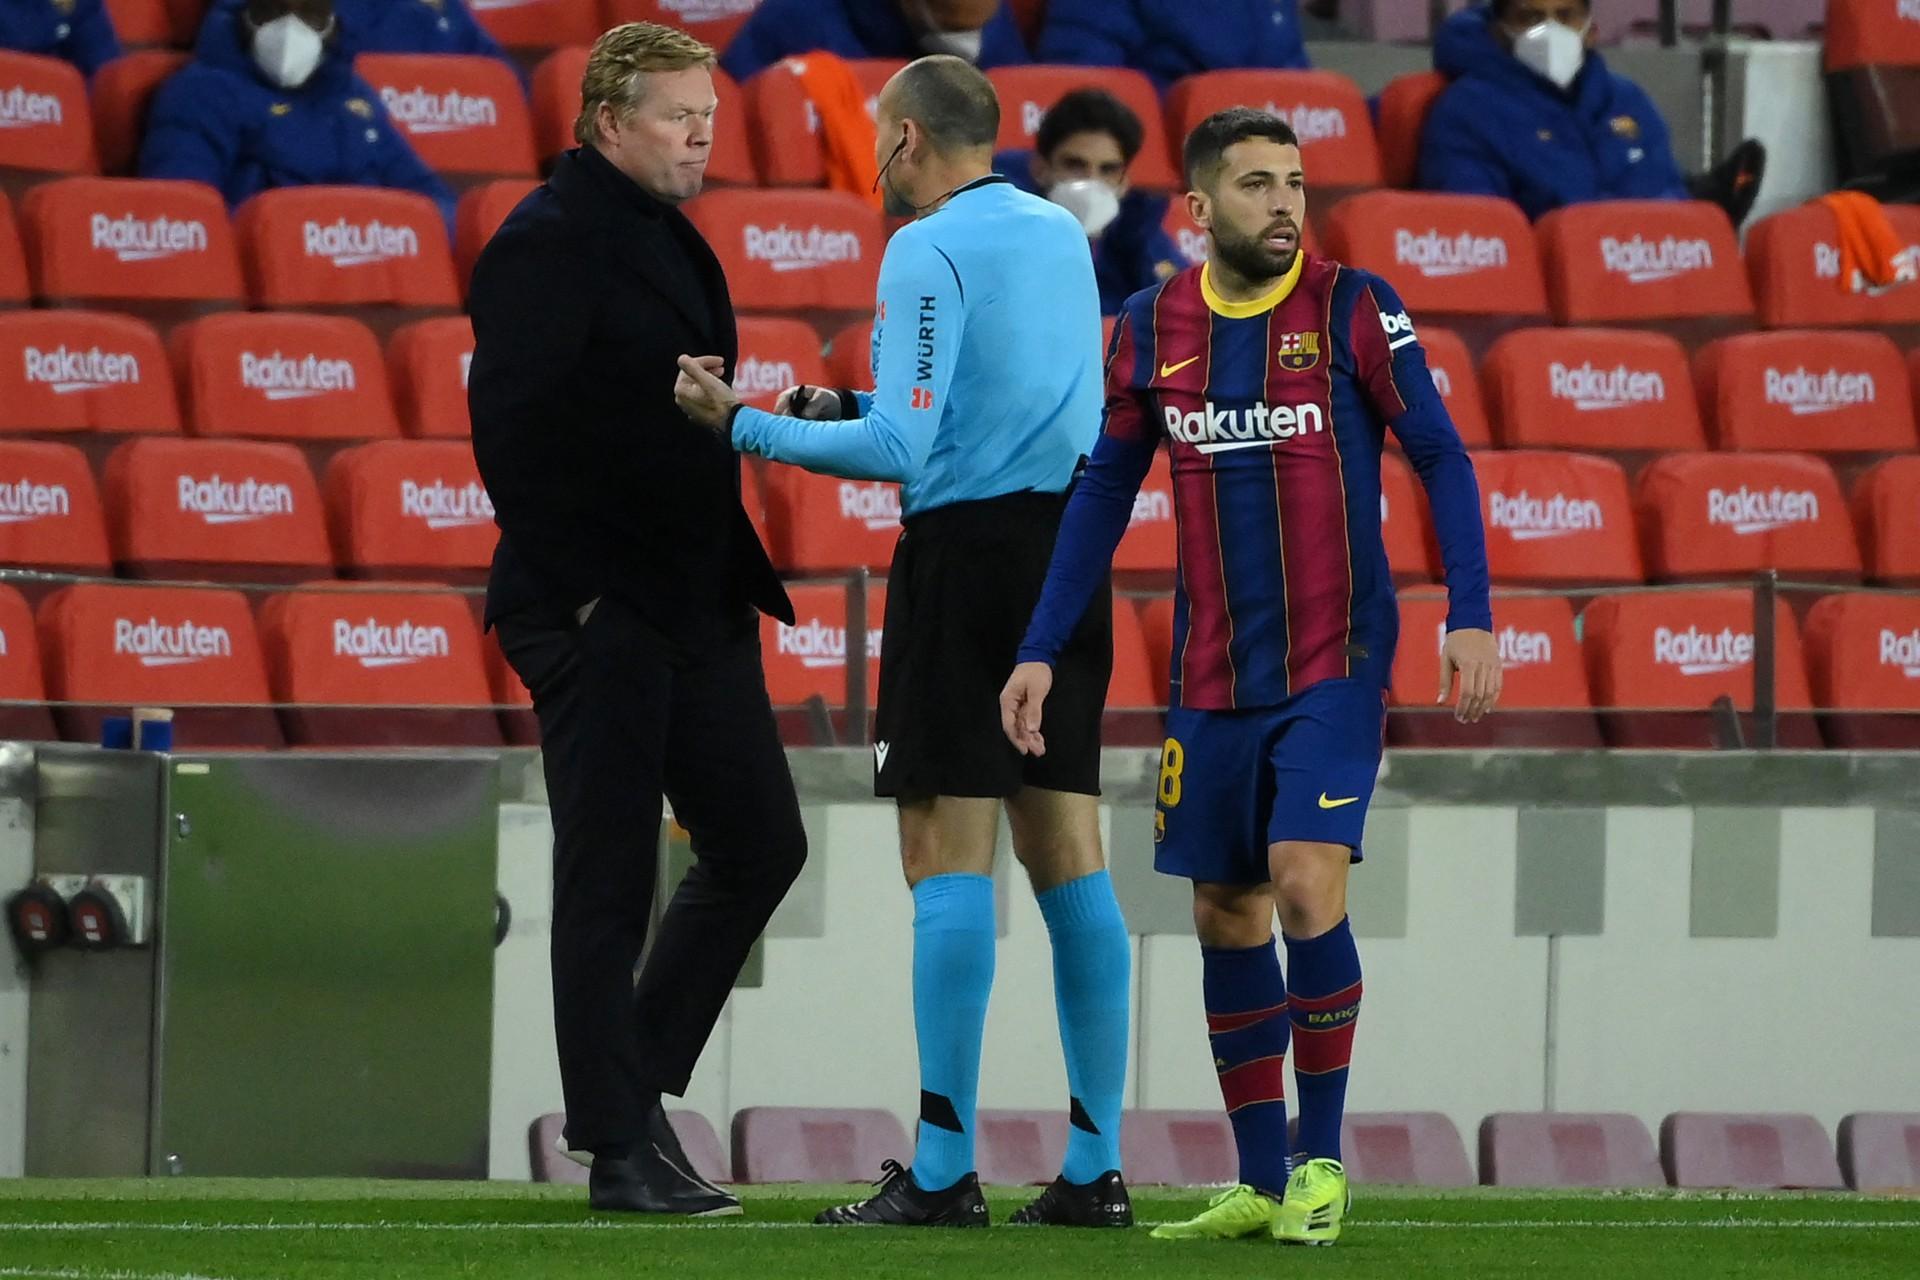 Rescisão com técnico Ronald Koeman pode custar quantia milionária ao Barcelona; veja valores